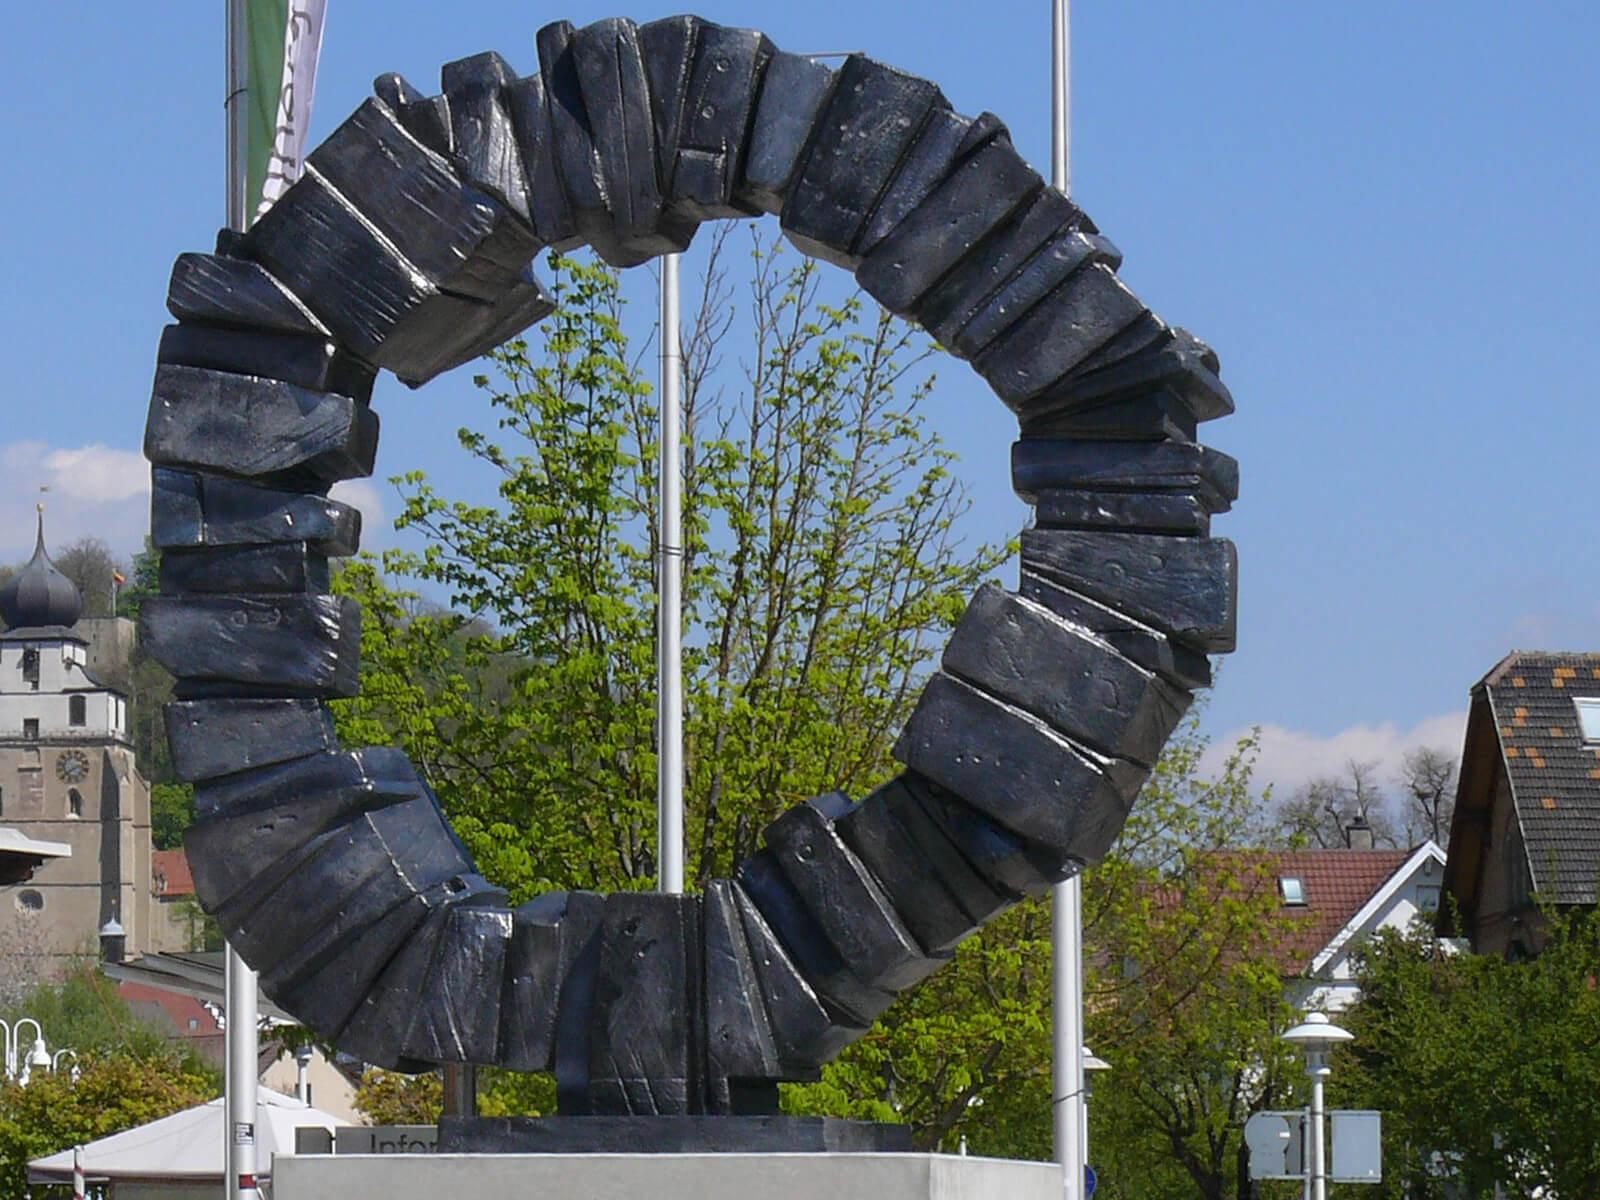 Jerg-Ratgeb-Skulpturenpfad